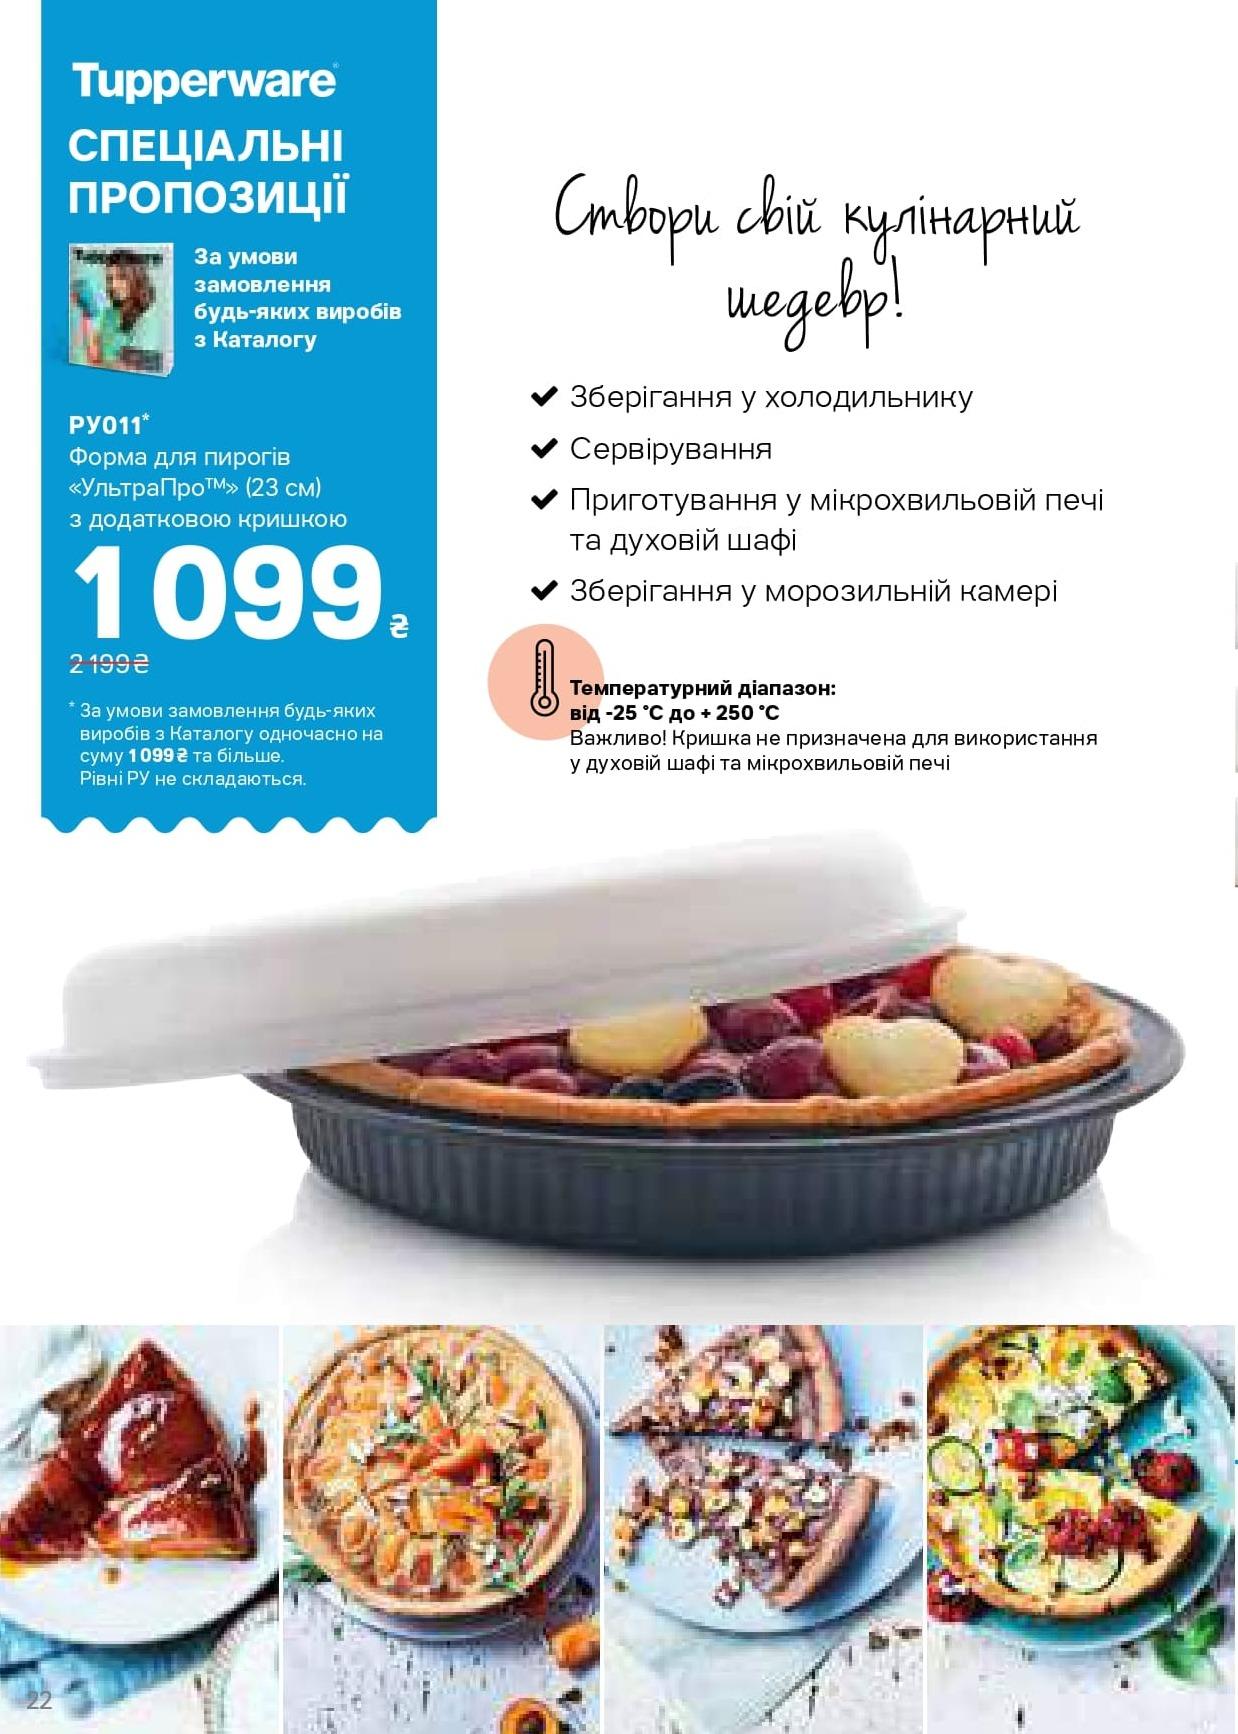 Форма для пирога ультрапро Tupperware, скидка 50%.